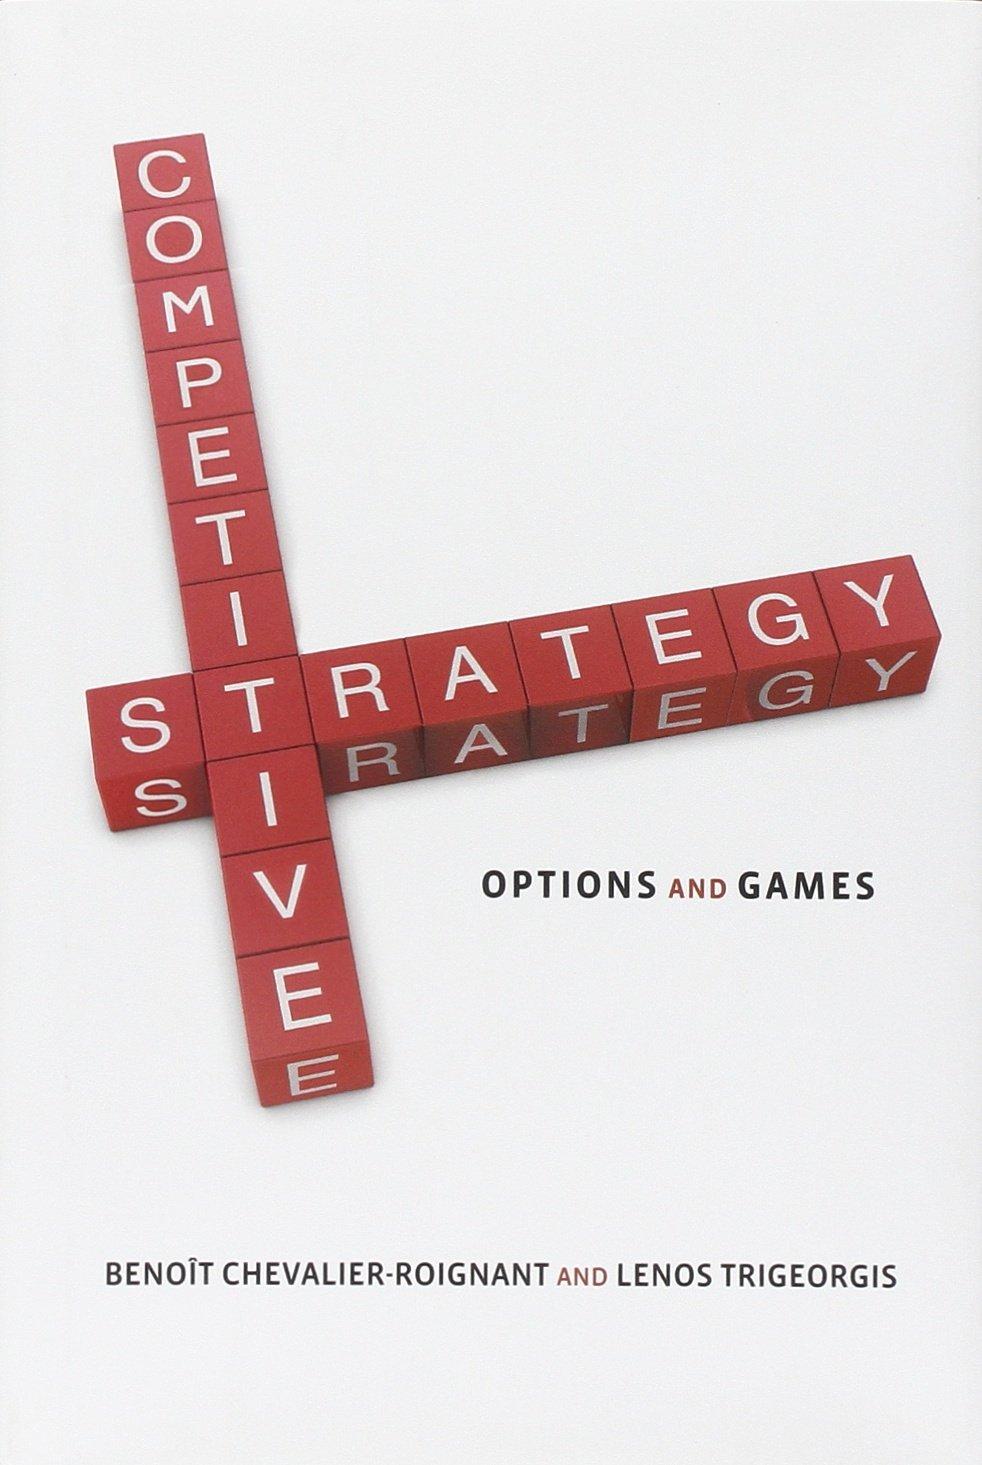 Competitive Strategy: Options and Games: Amazon.es: Chevalier-Roignant, Benoit, Trigeorgis, Lenos, Dixit, Avinash K.: Libros en idiomas extranjeros